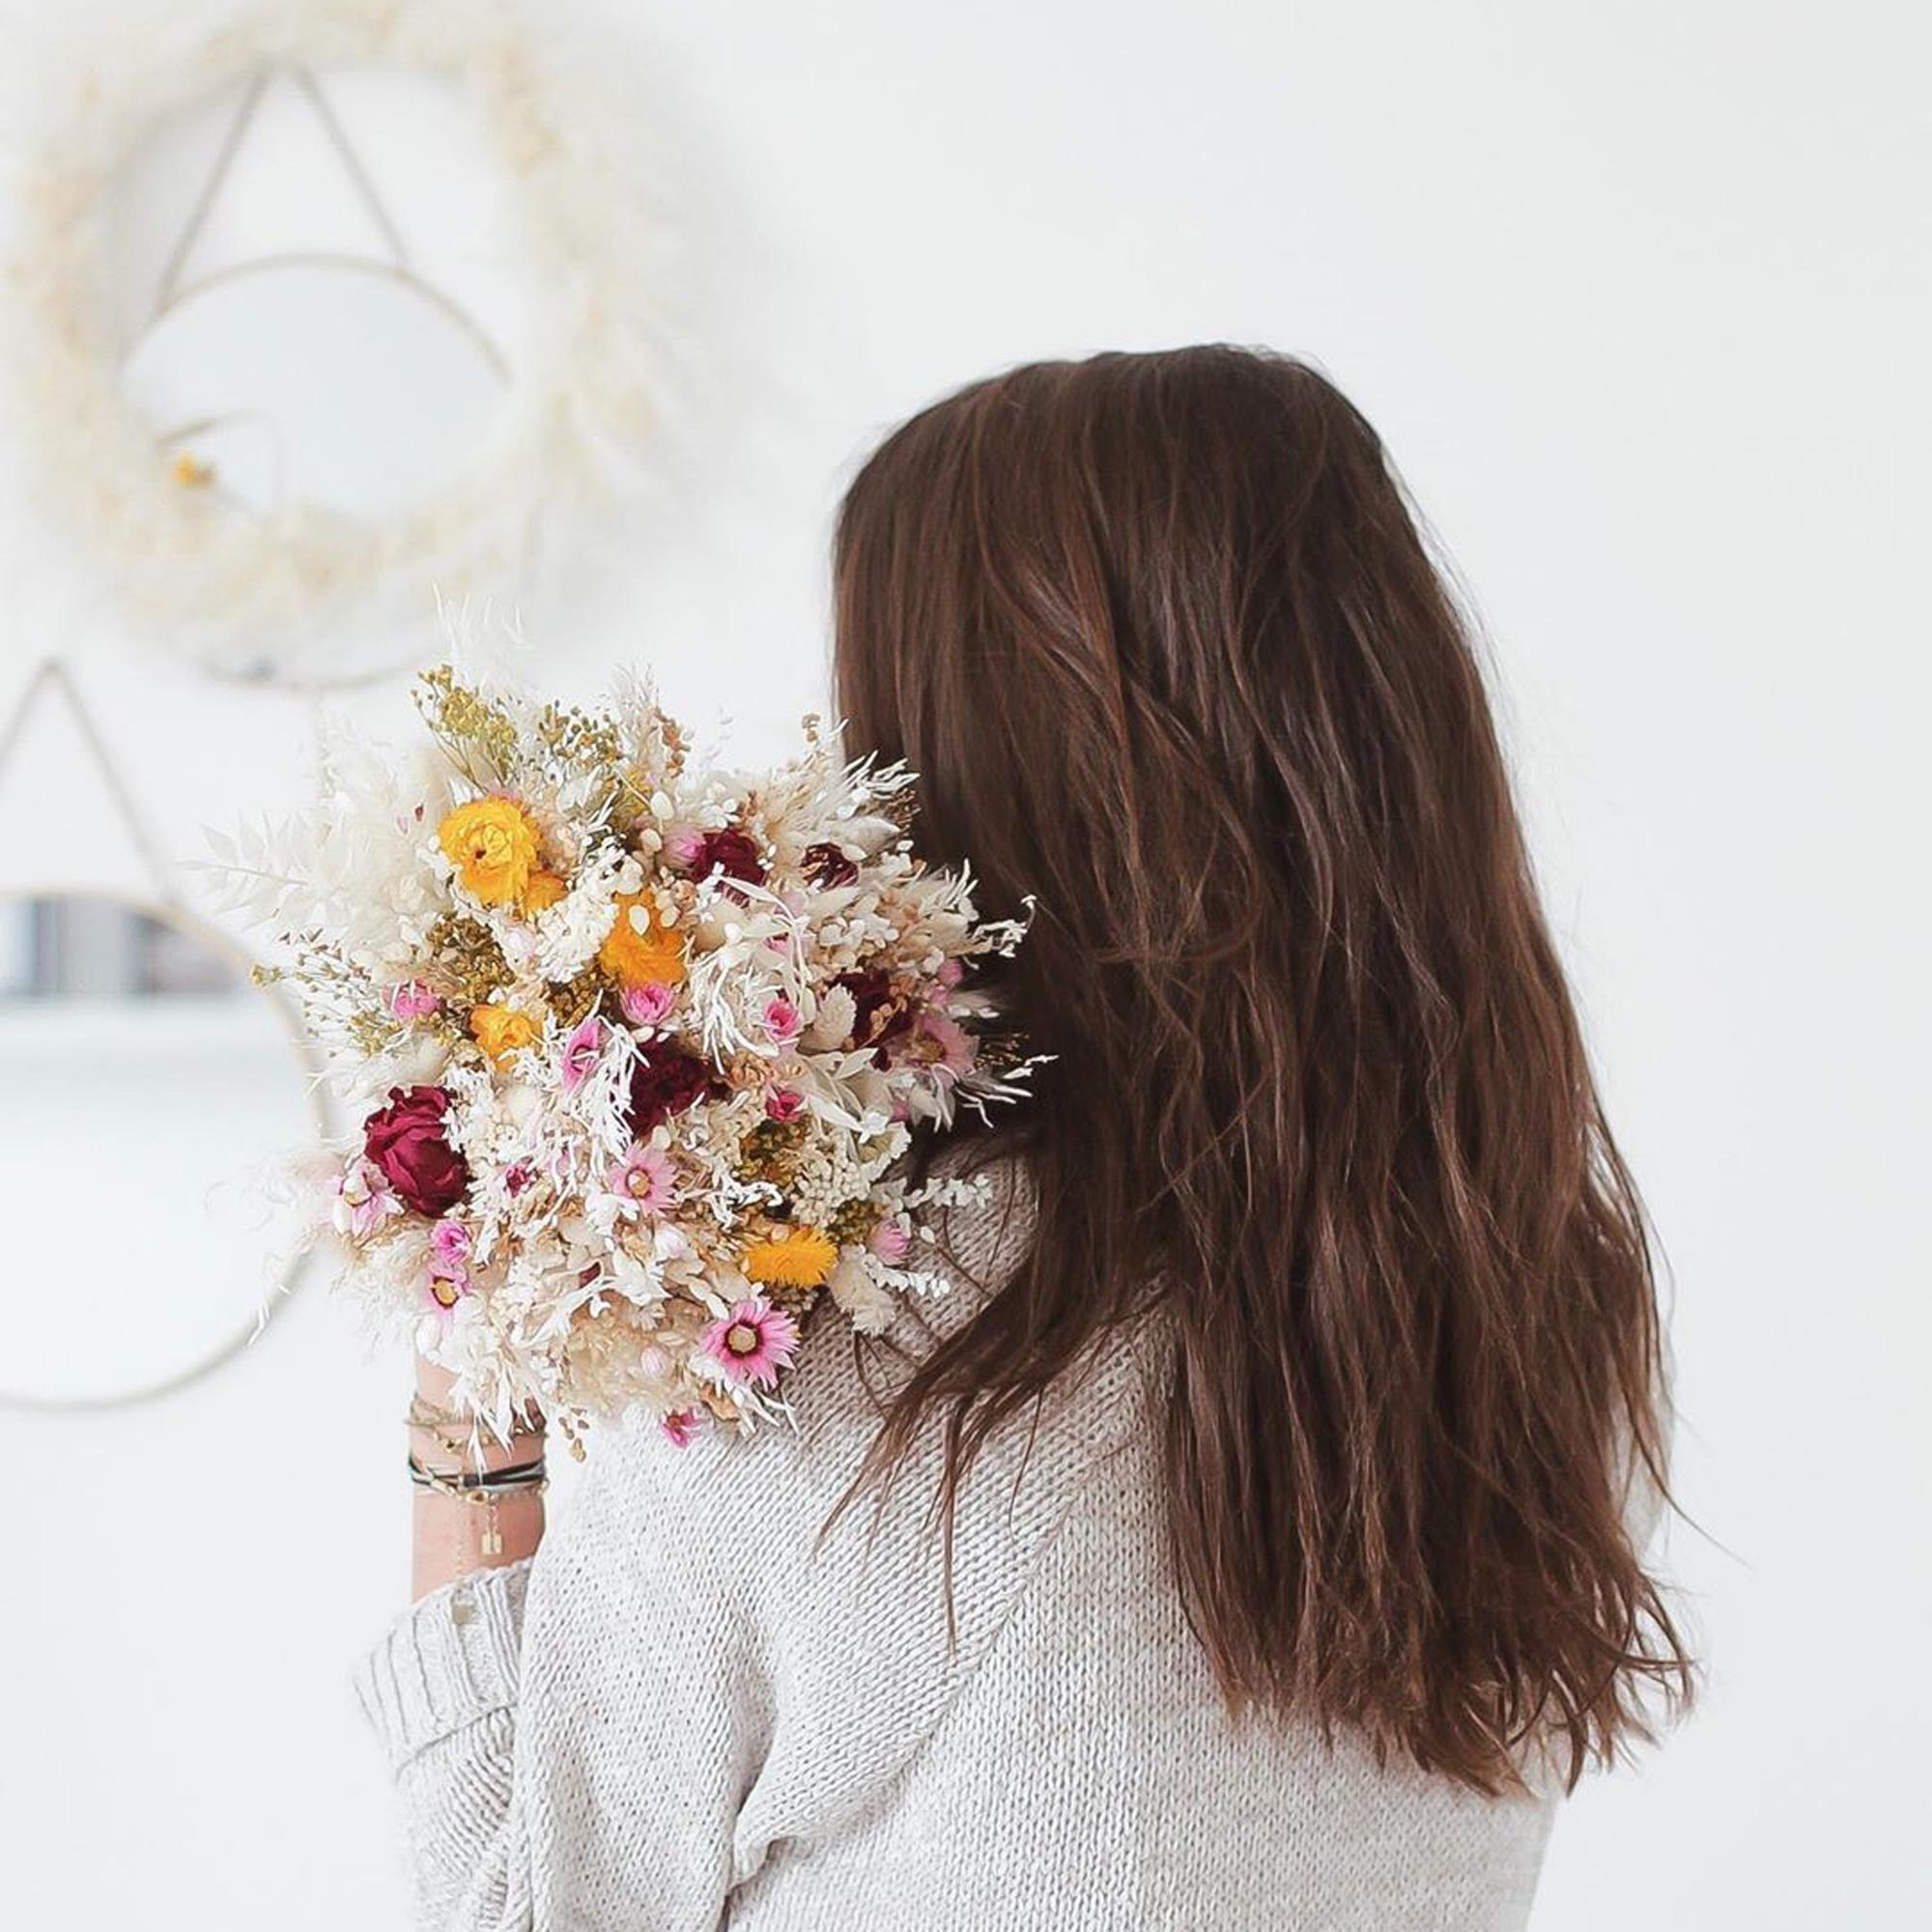 angeline-fleuriste-mariage-nantes-bretagne